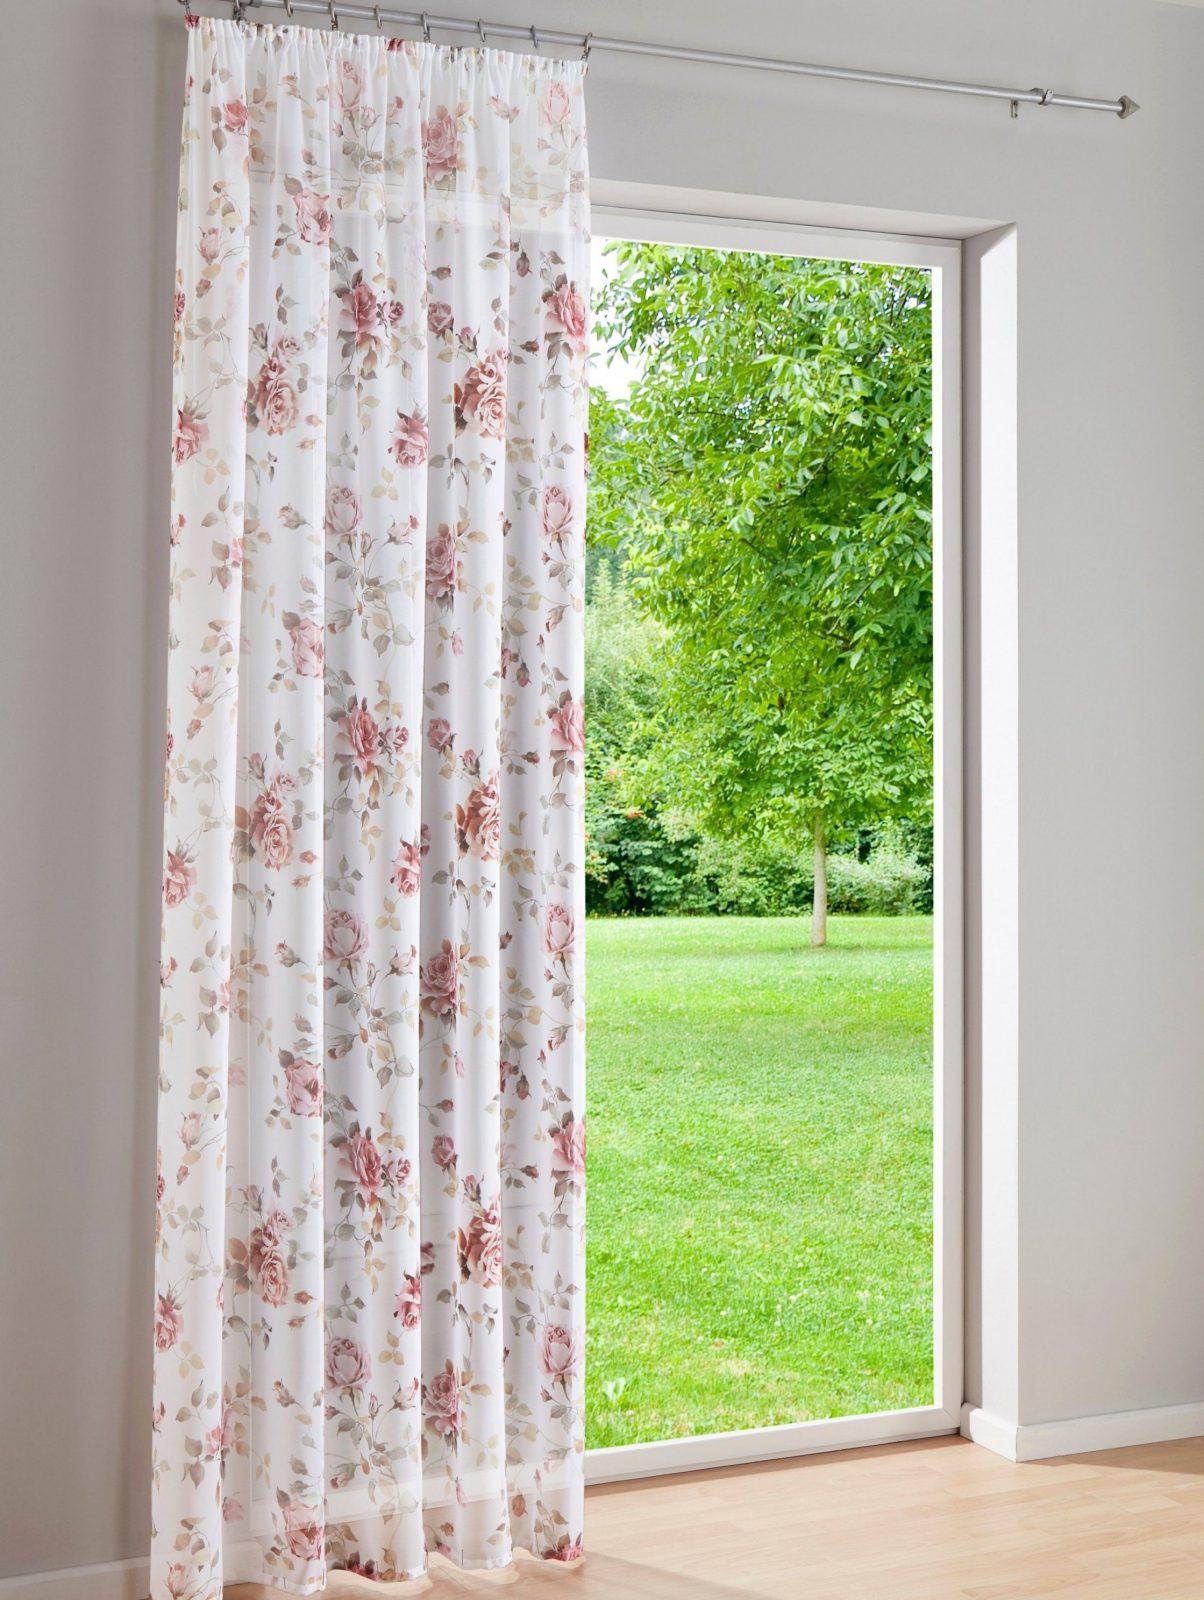 Fenster  Herrlich Kleine Fenster Gardinen Oben Cool Transparente von Vorhänge Für Kleine Fenster Bild